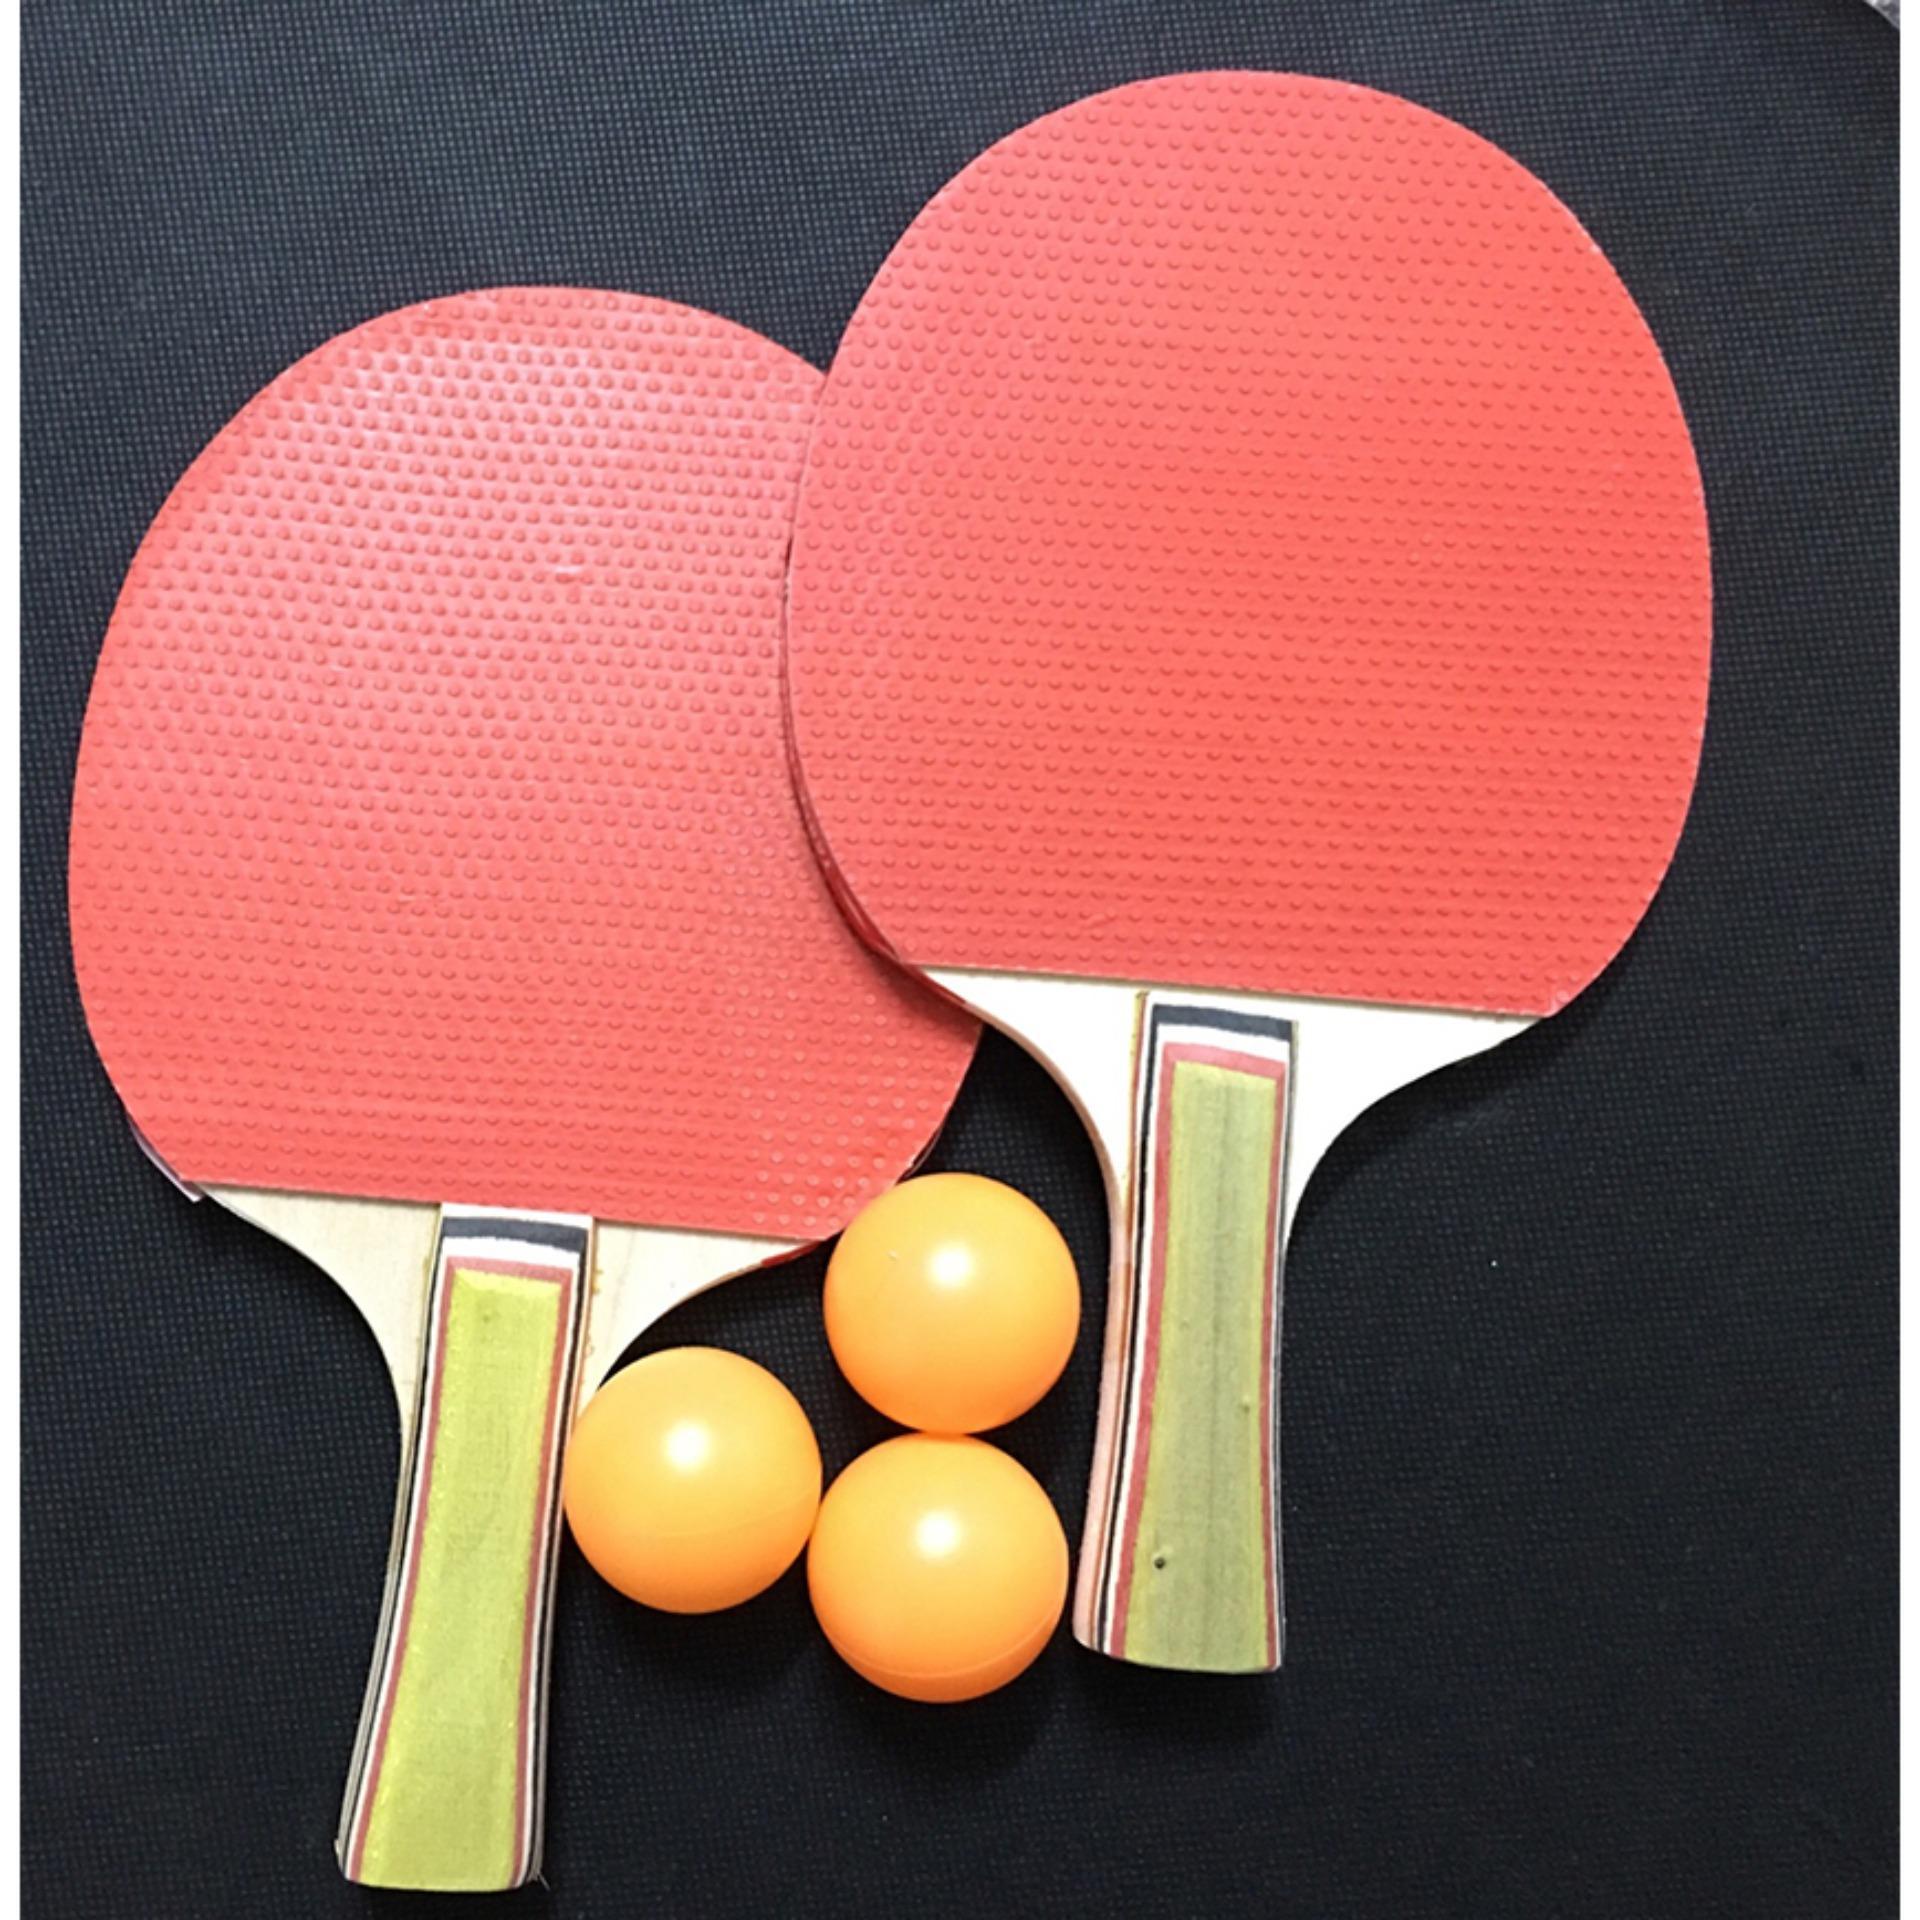 Bộ vợt bóng bàn giá rẻ tphcm kèm 3 bóng Giá Tốt LY-5417